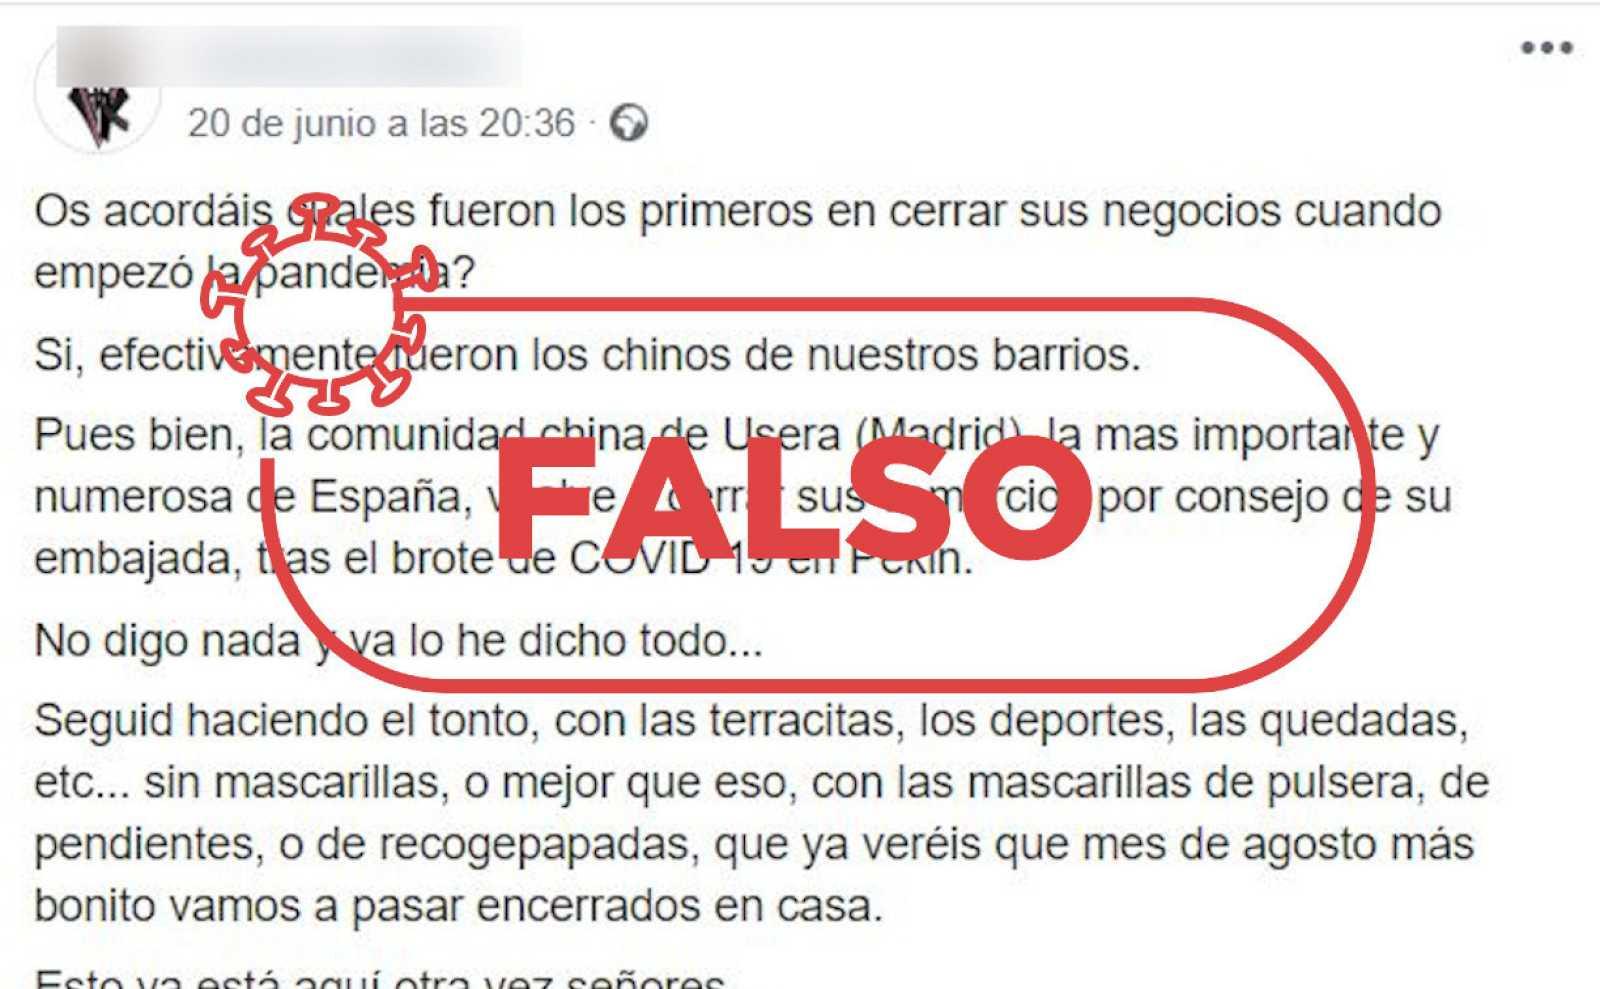 Captura con una parte del mensaje falso difundido a través de redes sociales y mensajería móvil con la palabra FALSO.